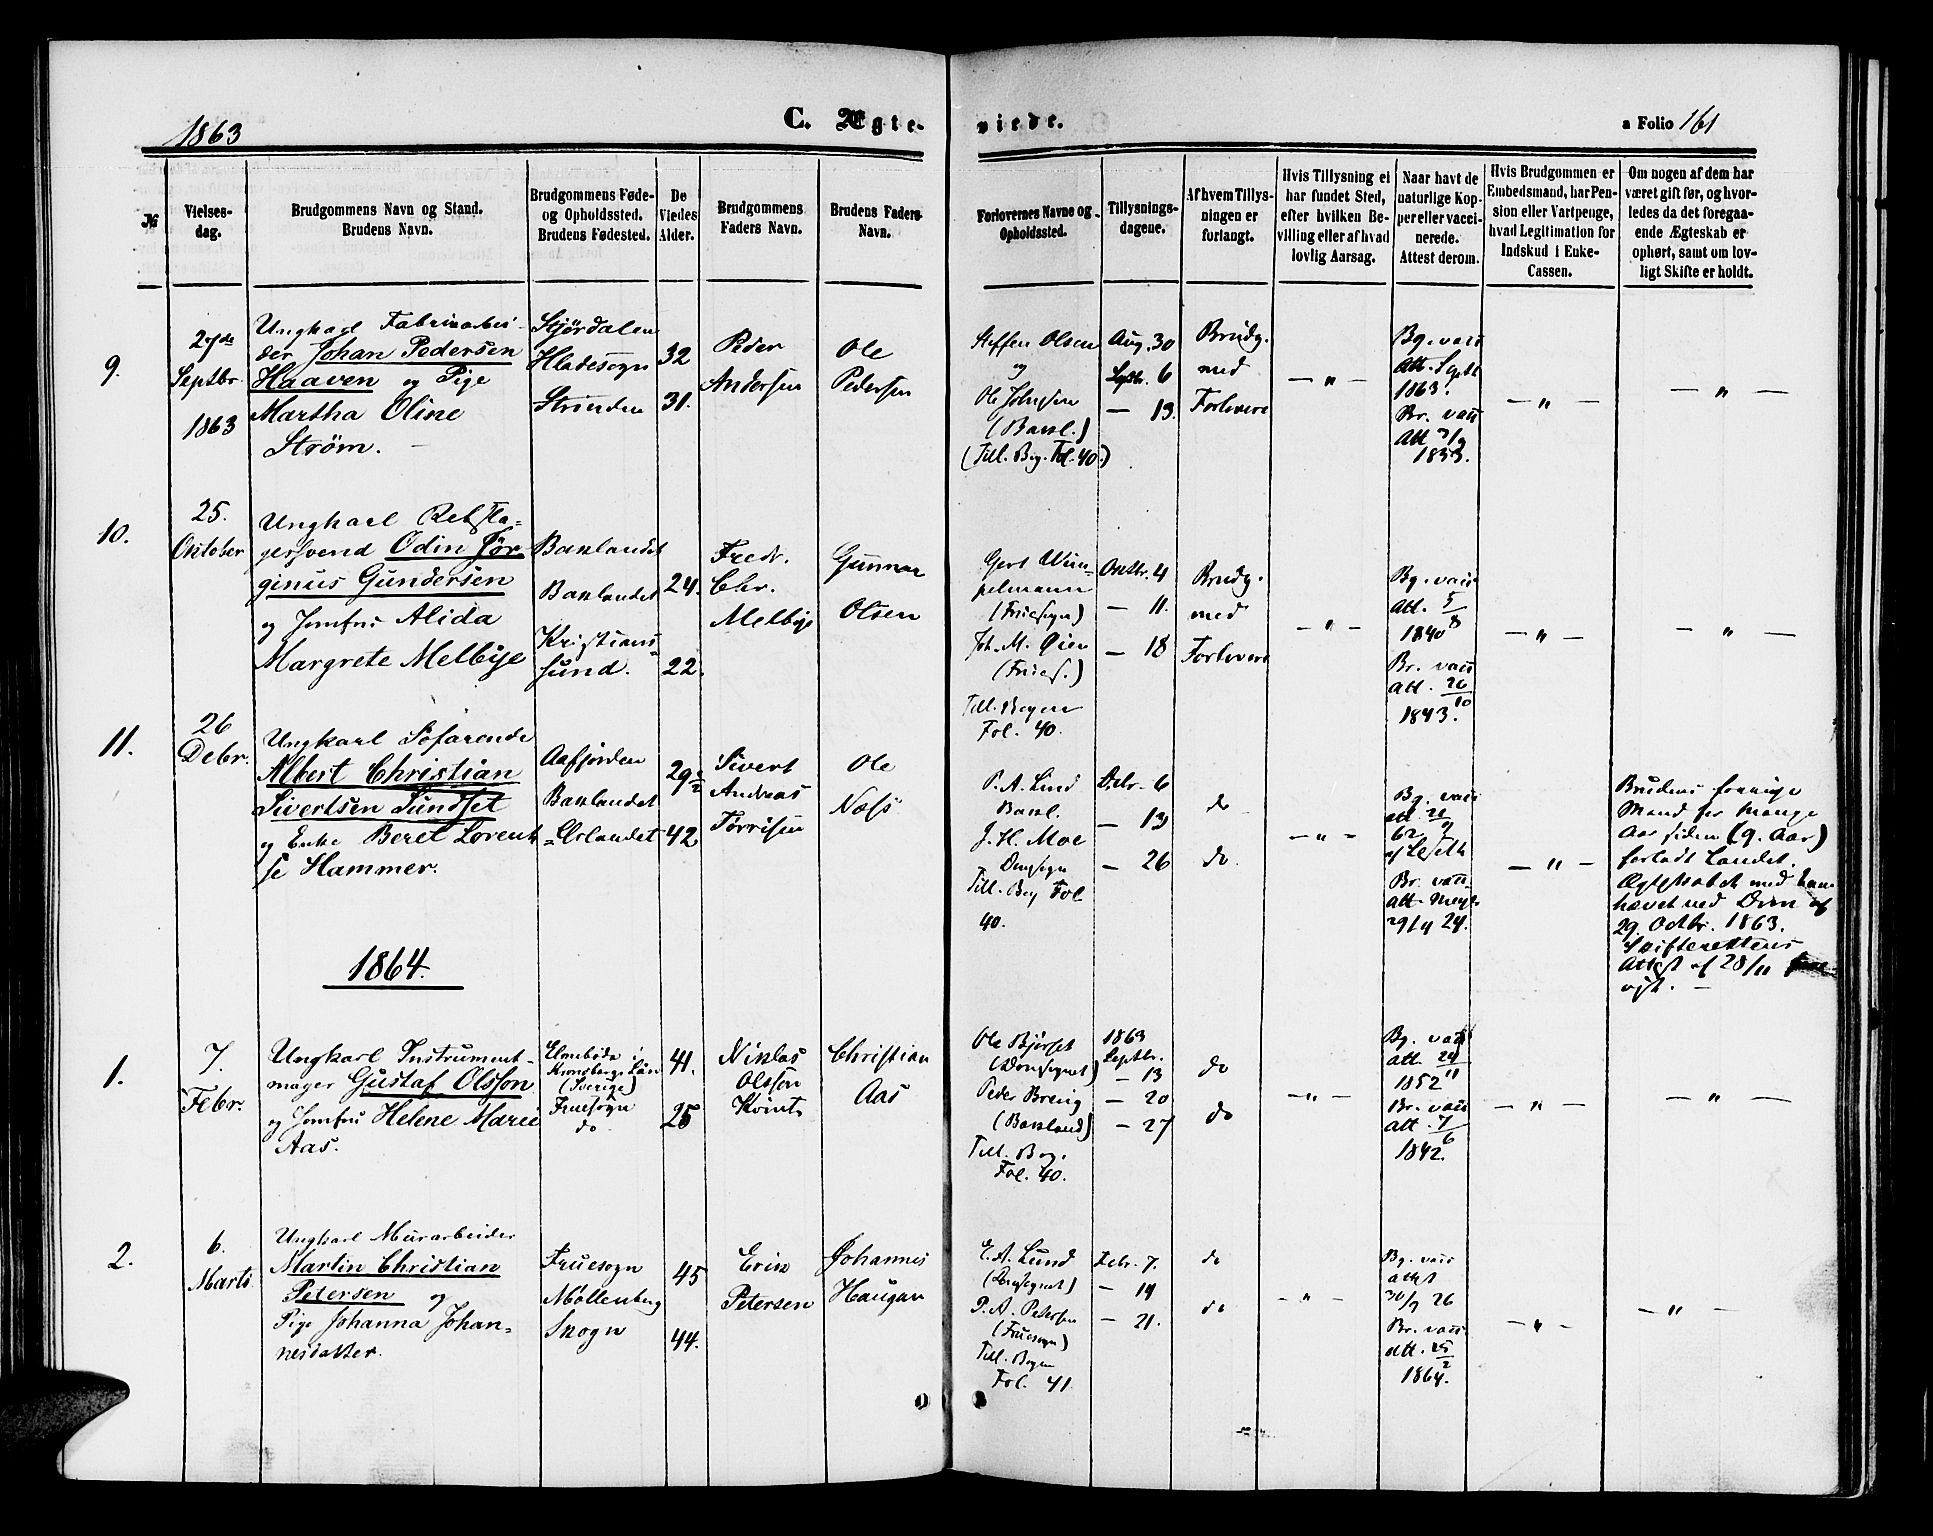 SAT, Ministerialprotokoller, klokkerbøker og fødselsregistre - Sør-Trøndelag, 604/L0185: Ministerialbok nr. 604A06, 1861-1865, s. 161